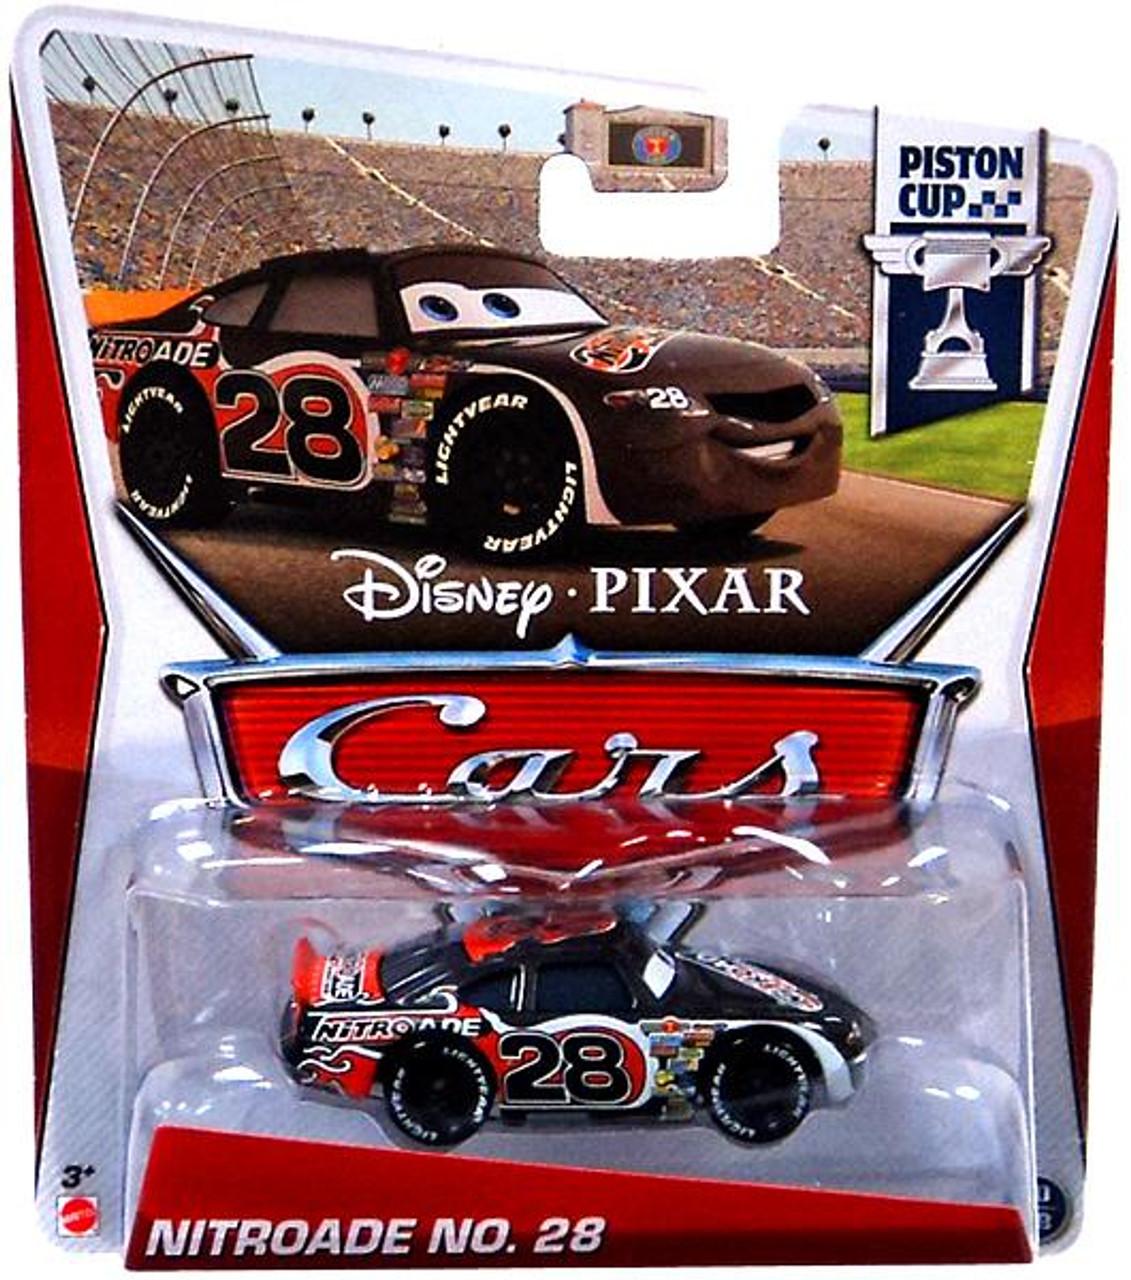 Disney Cars Series 3 Nitroade No. 28 Diecast Car